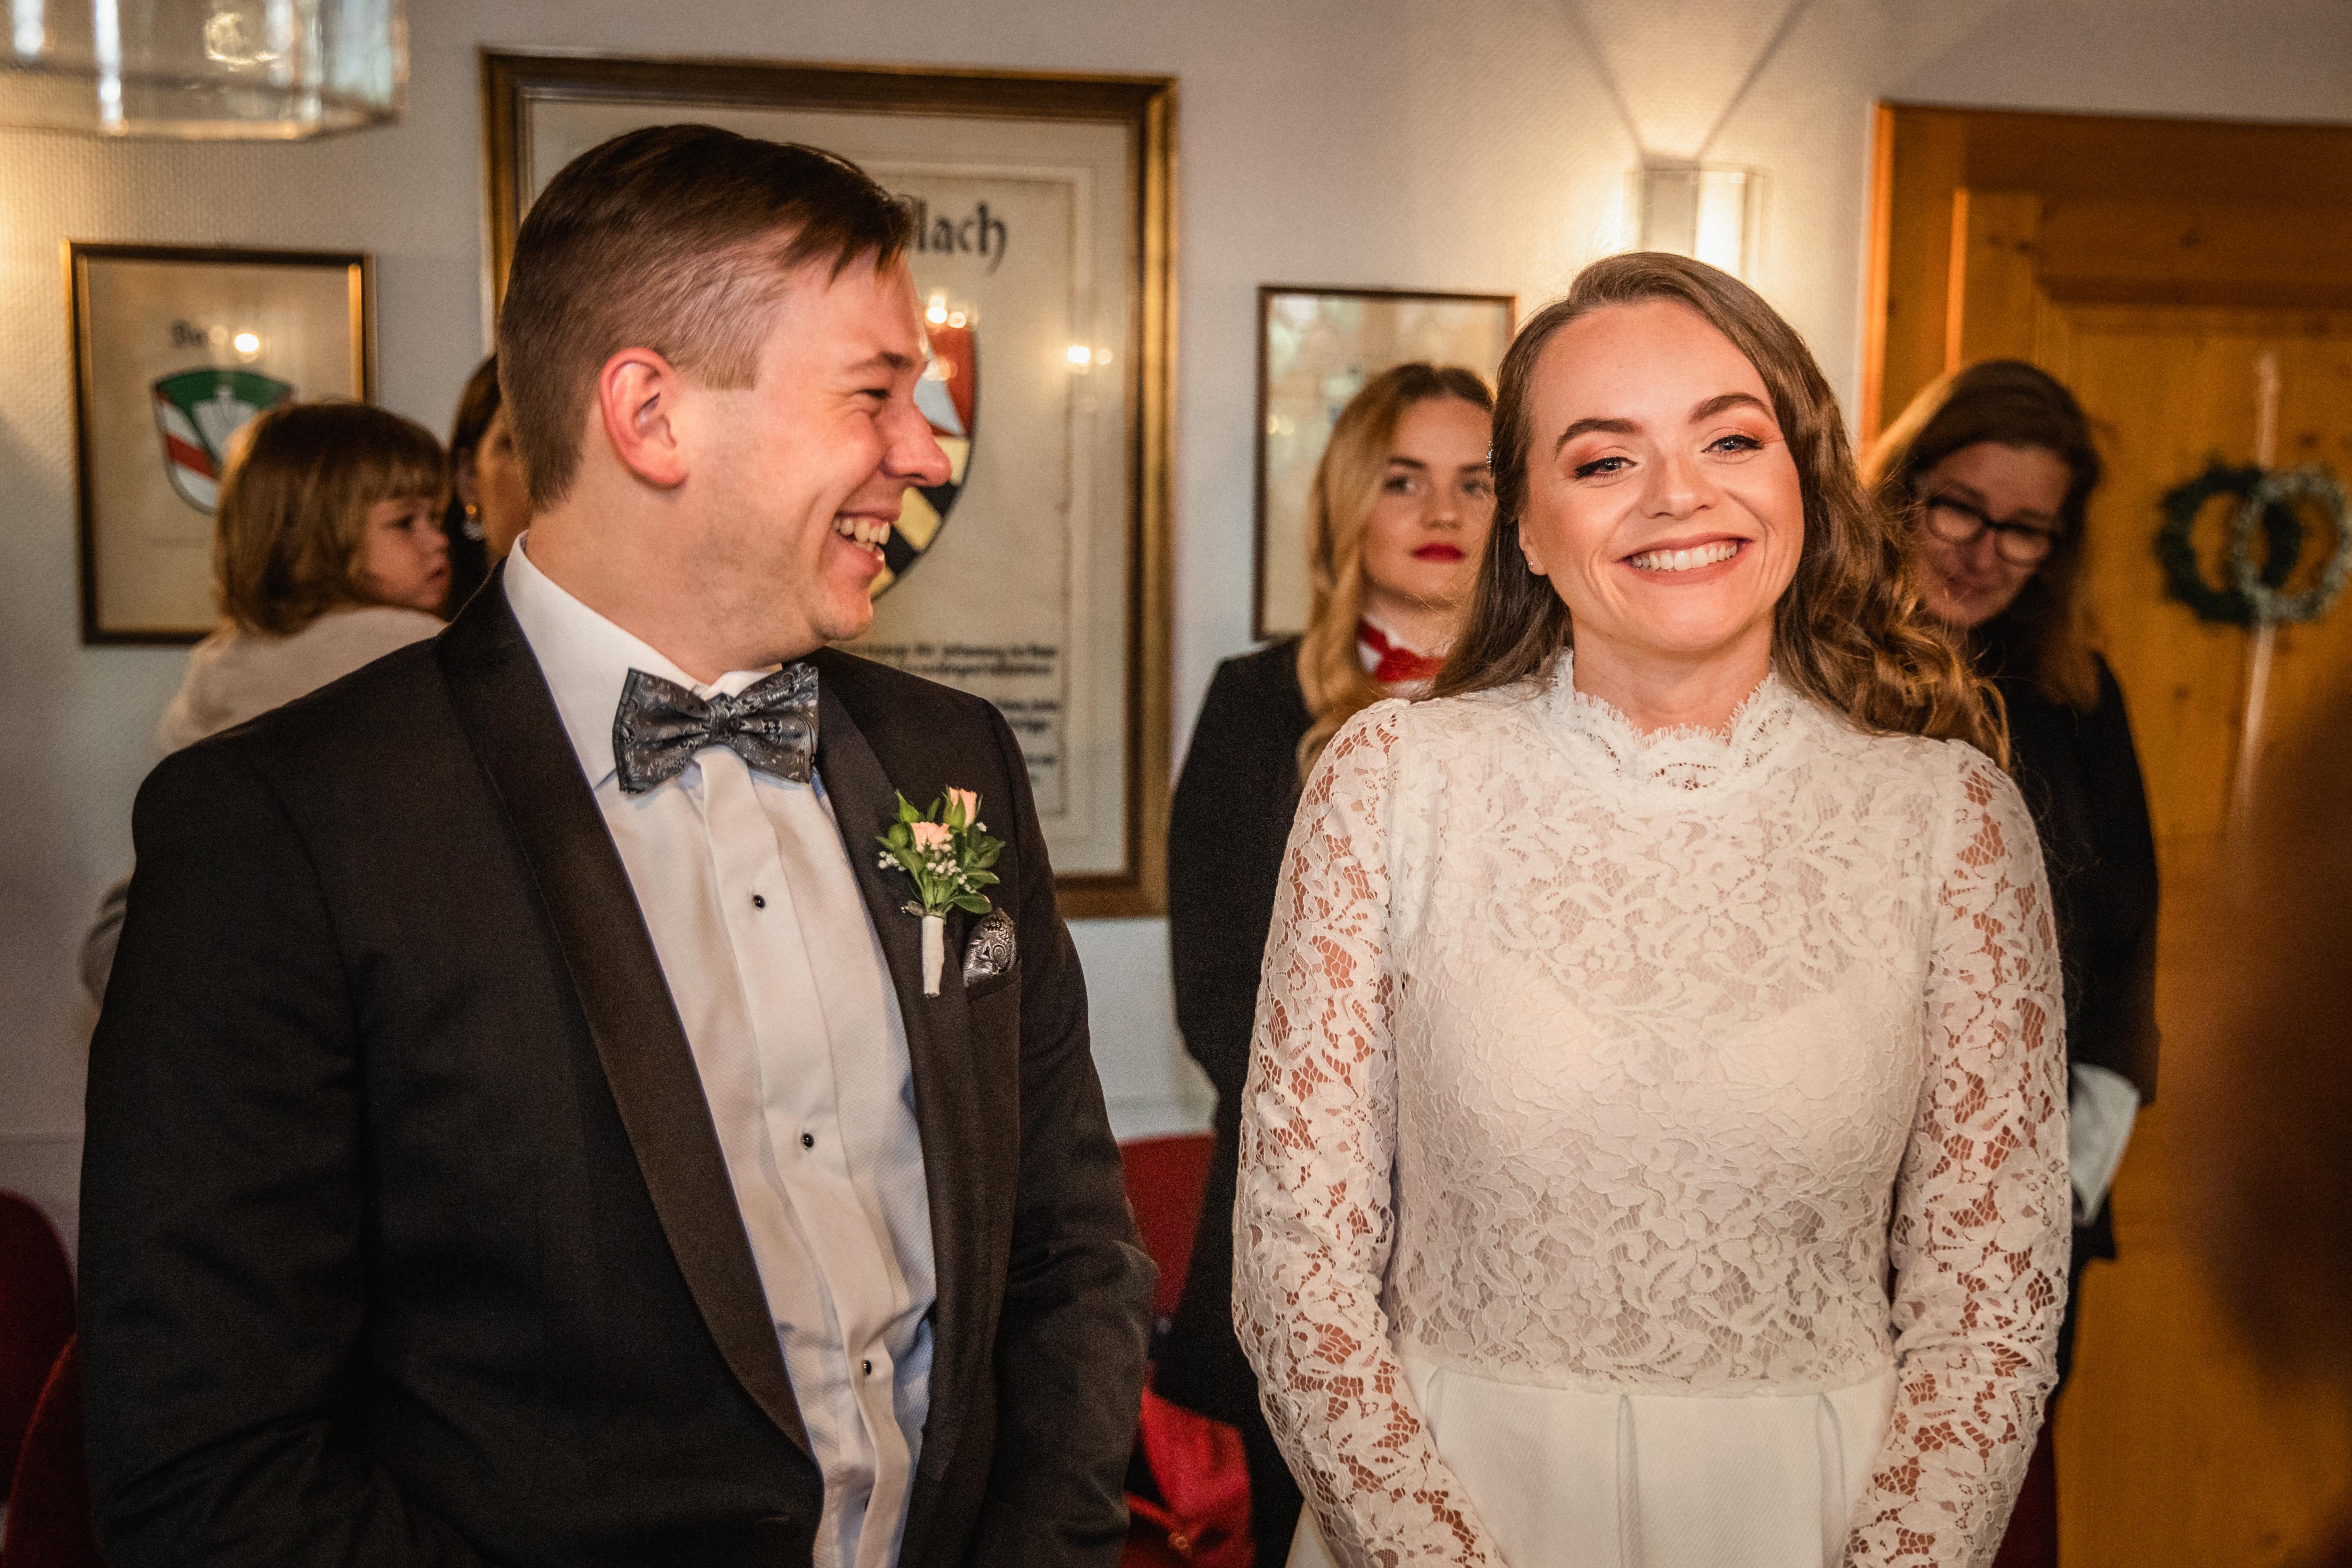 Hochzeitsfotograf-Grossgruendlach-Standesamt-Hallerschloss-Urbanerie-Stazija-und-Michael-018